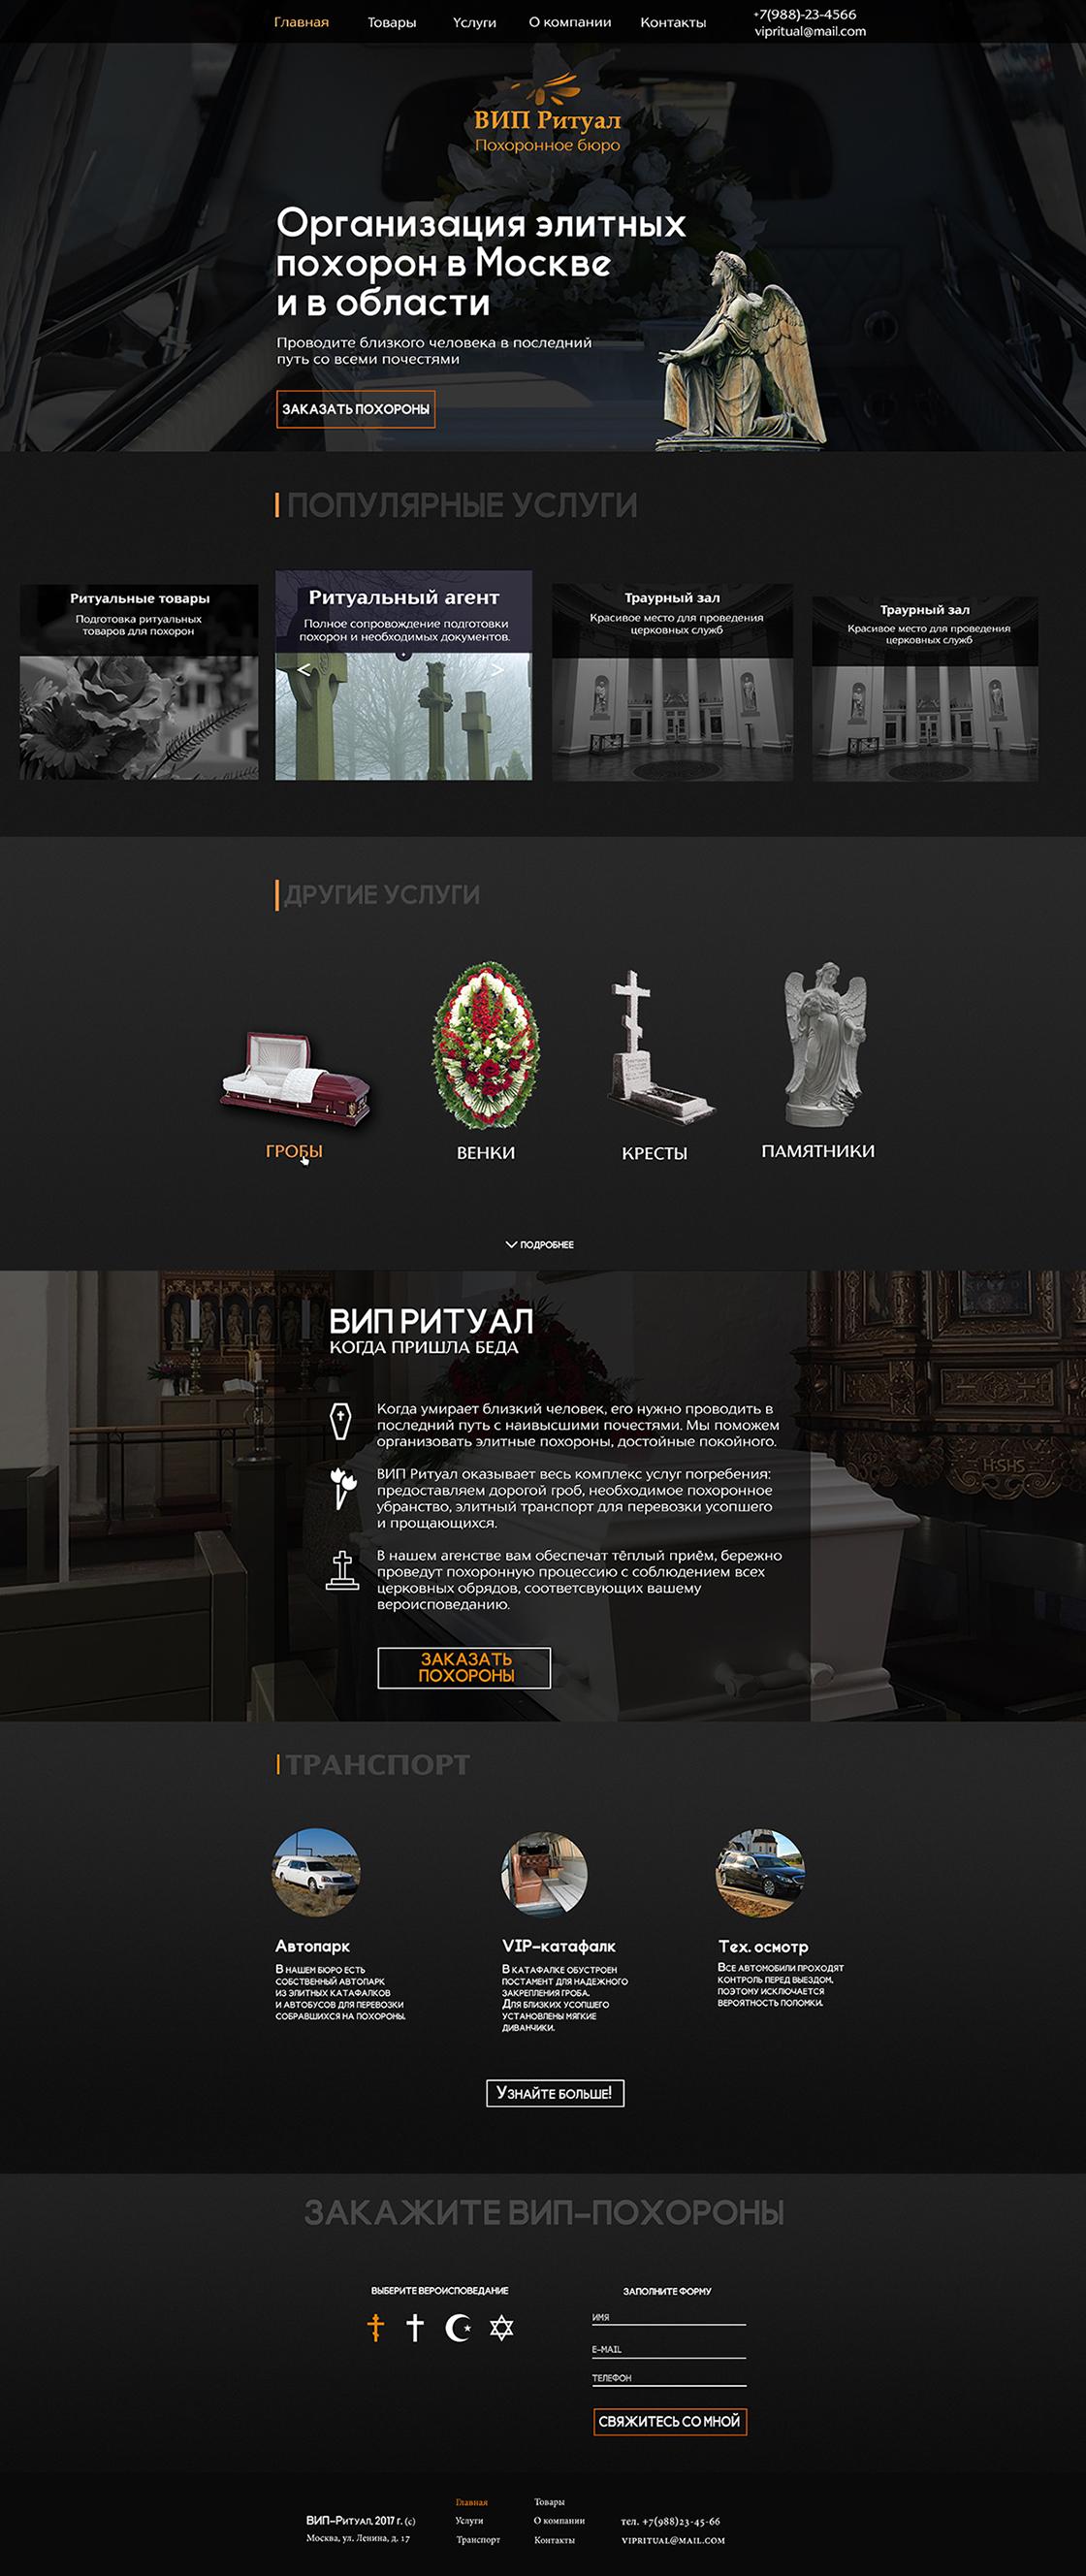 Нарисовать 2 дизайна сайтов направления ритуальных услуг  фото f_714596caa0071dcc.jpg